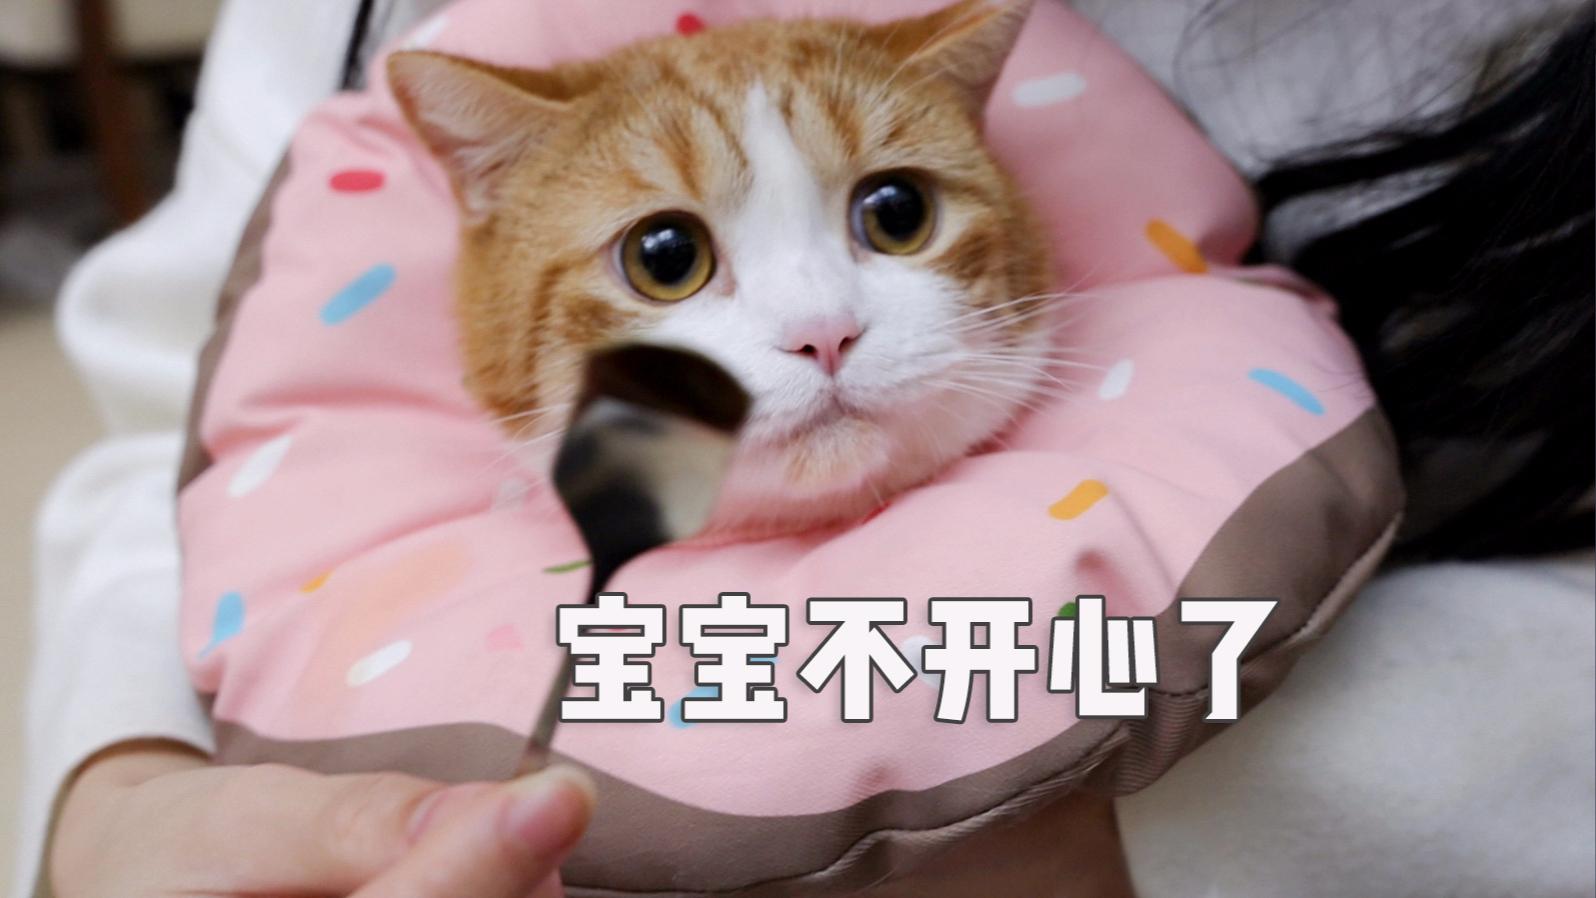 零食混药药骗猪吃,你当我是猫?什么都吃?